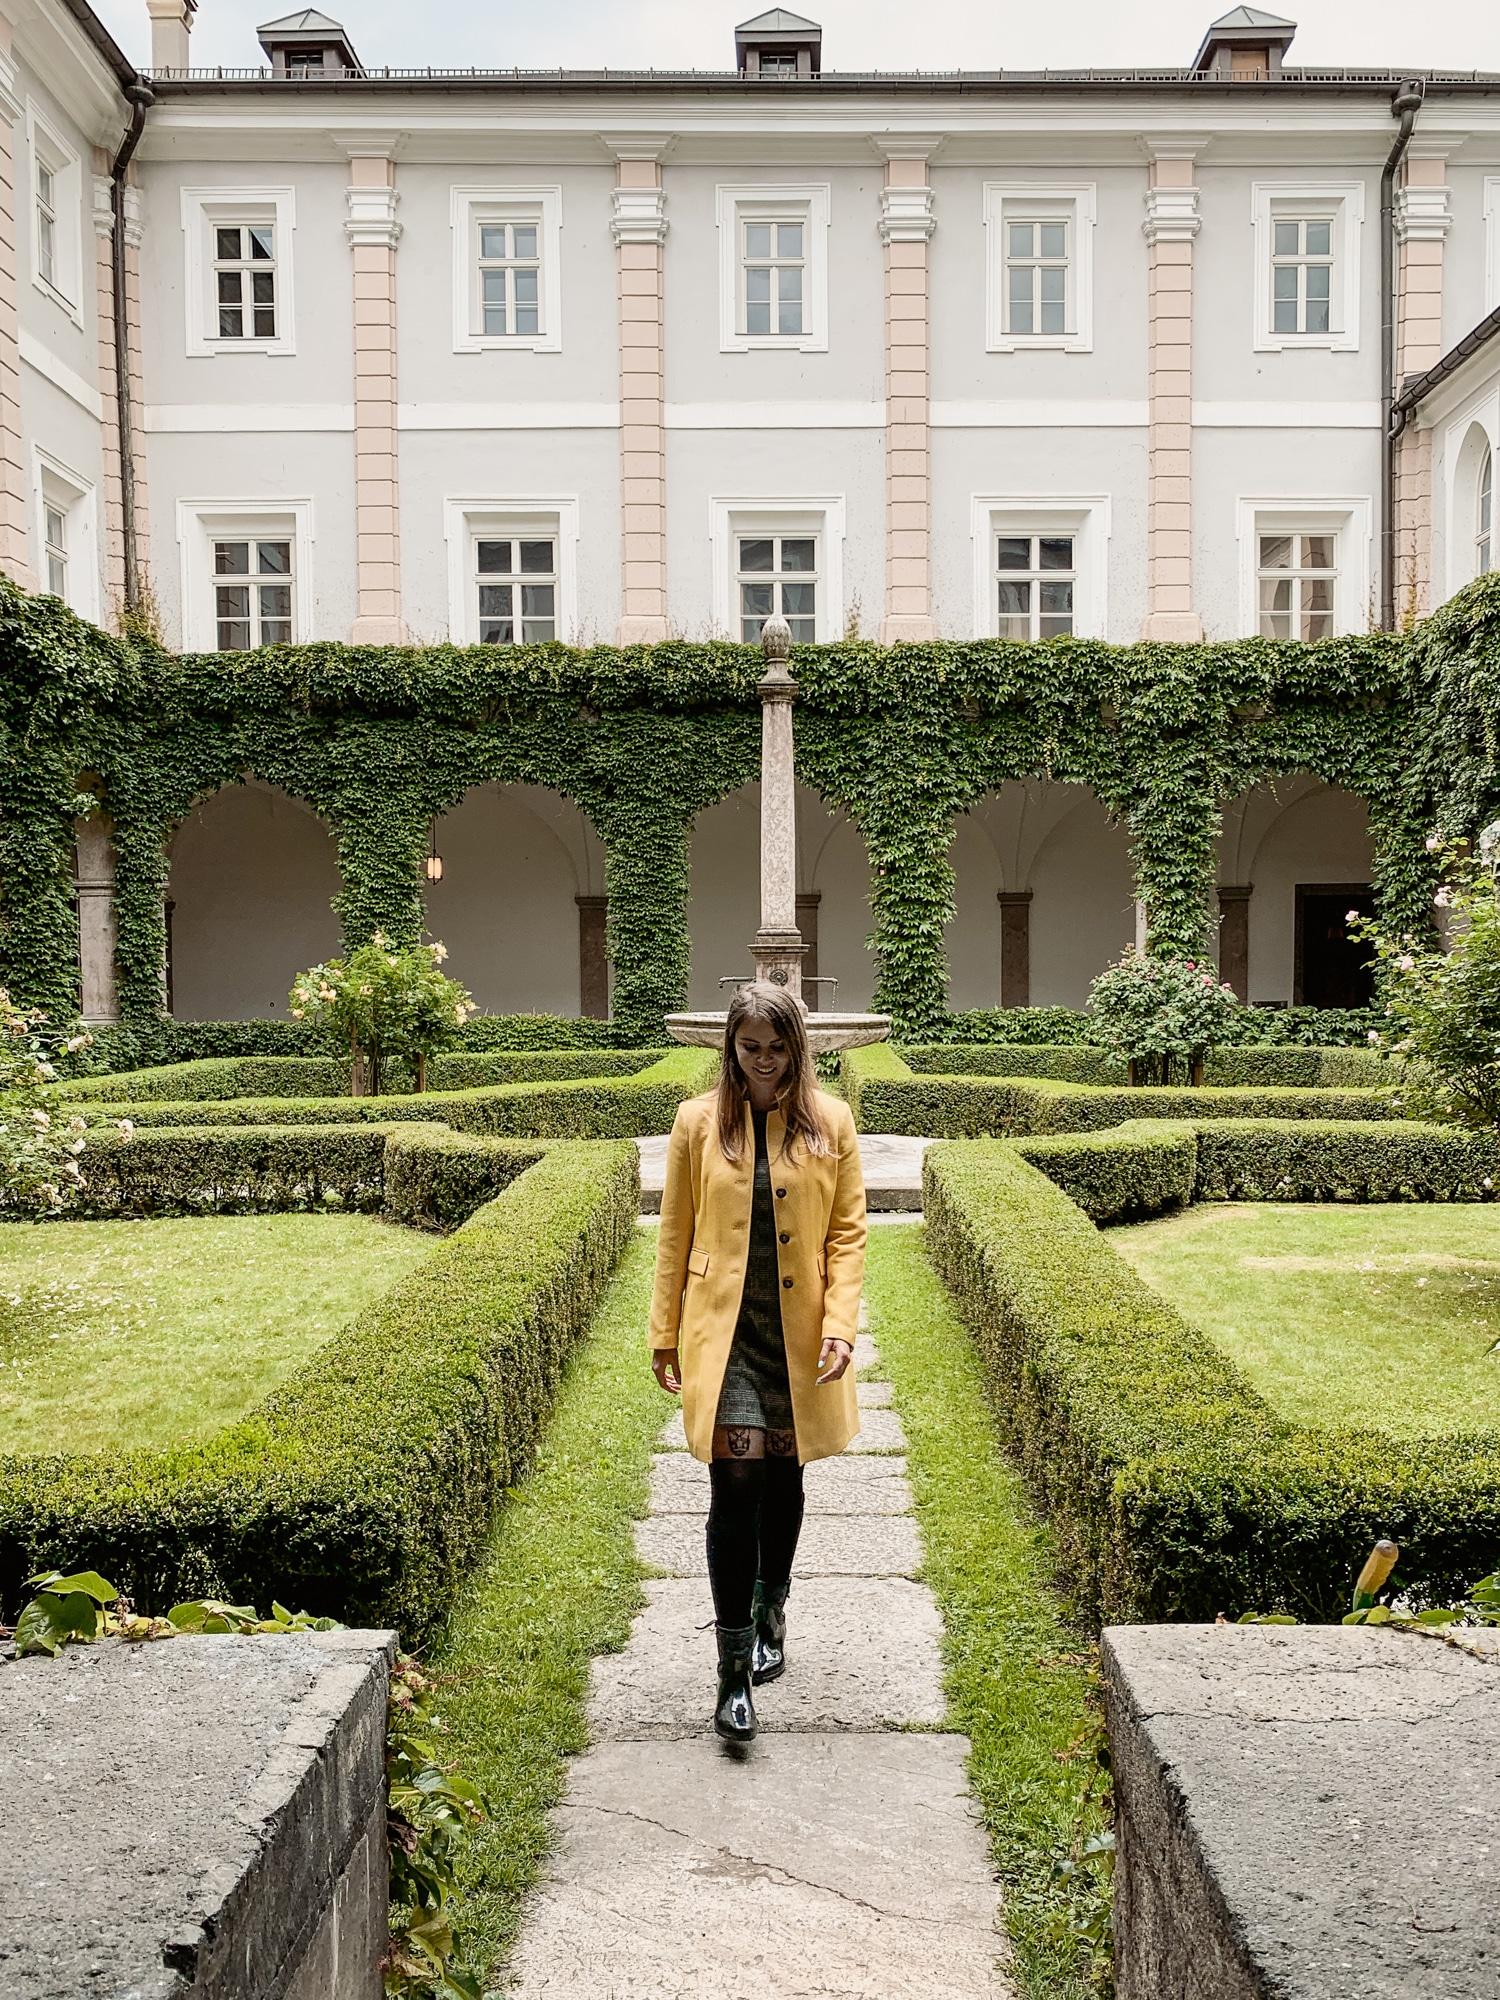 Innsbruck Sehenswürdigkeiten: Top Ten Highlights und Tipps für die Stadt - Klostergarten Franziskaner Kloster Kreuzgang